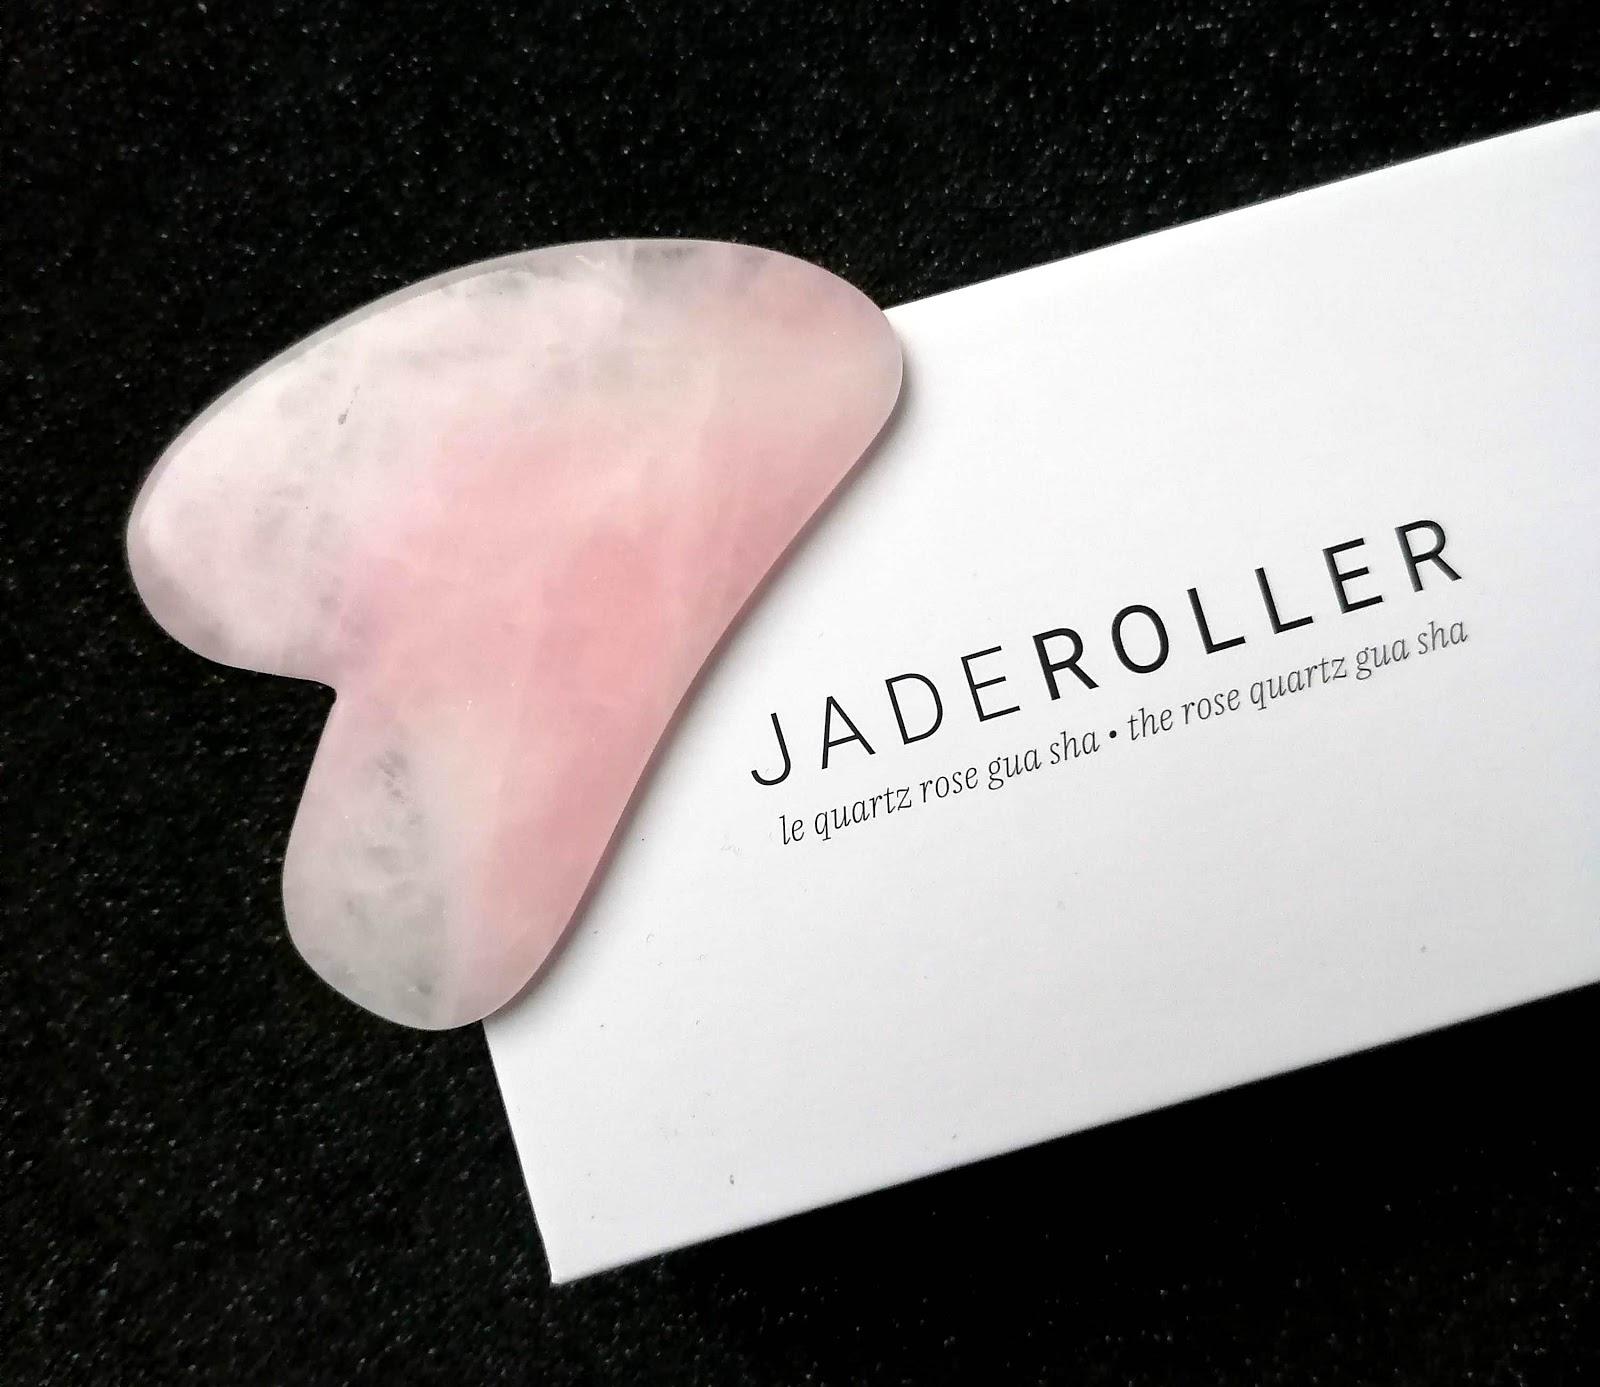 JADE ROLLER : la découverte du roller et du gua sha en QUARTZ ROSE! 💆🏽♀️